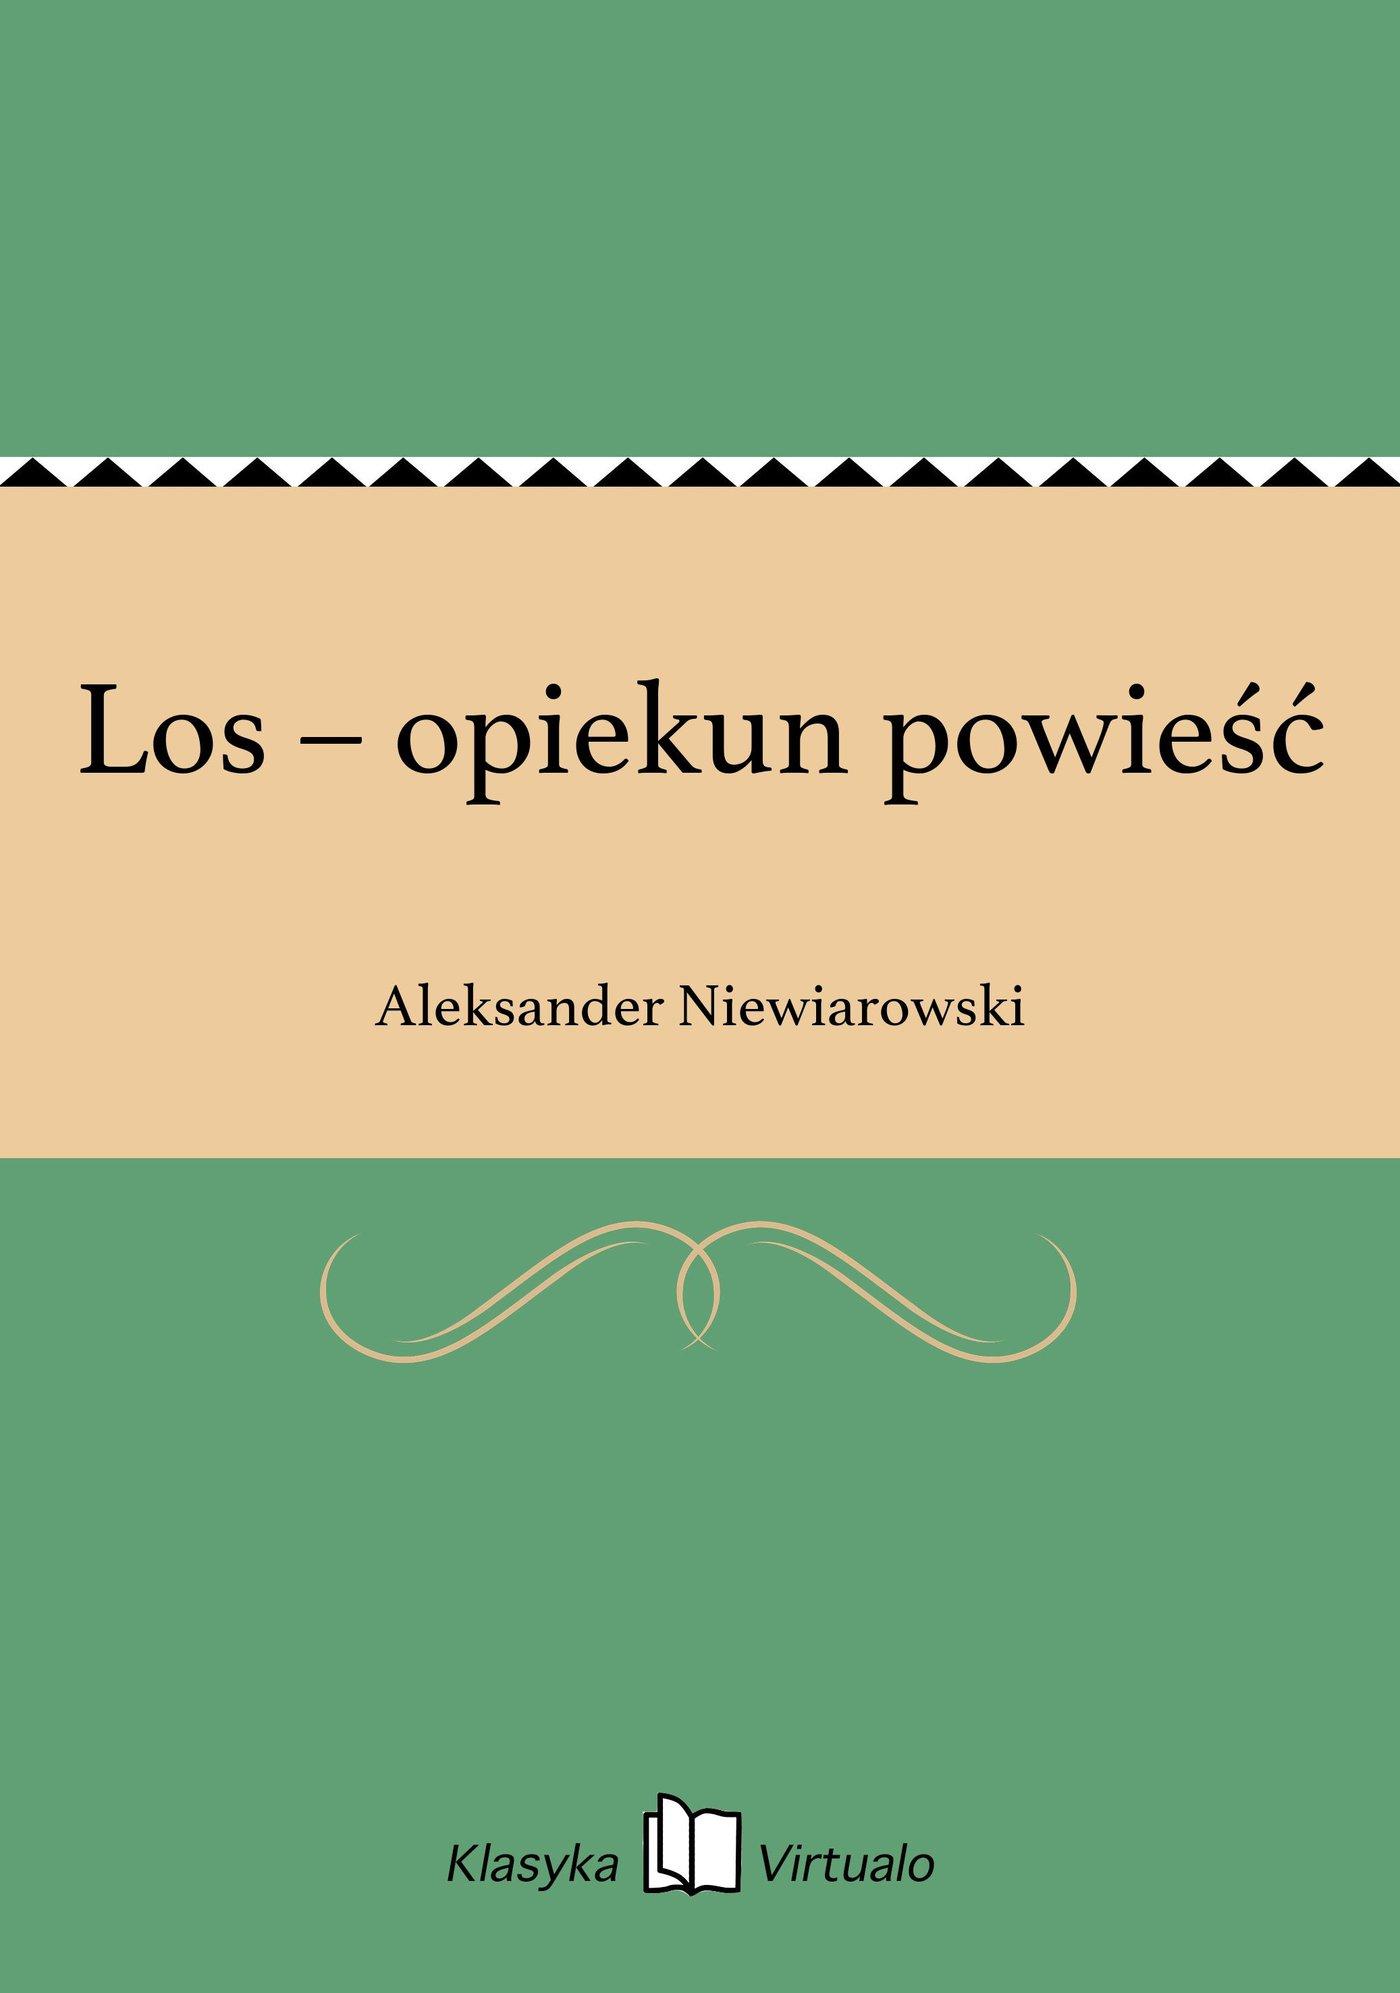 Los – opiekun powieść - Ebook (Książka EPUB) do pobrania w formacie EPUB